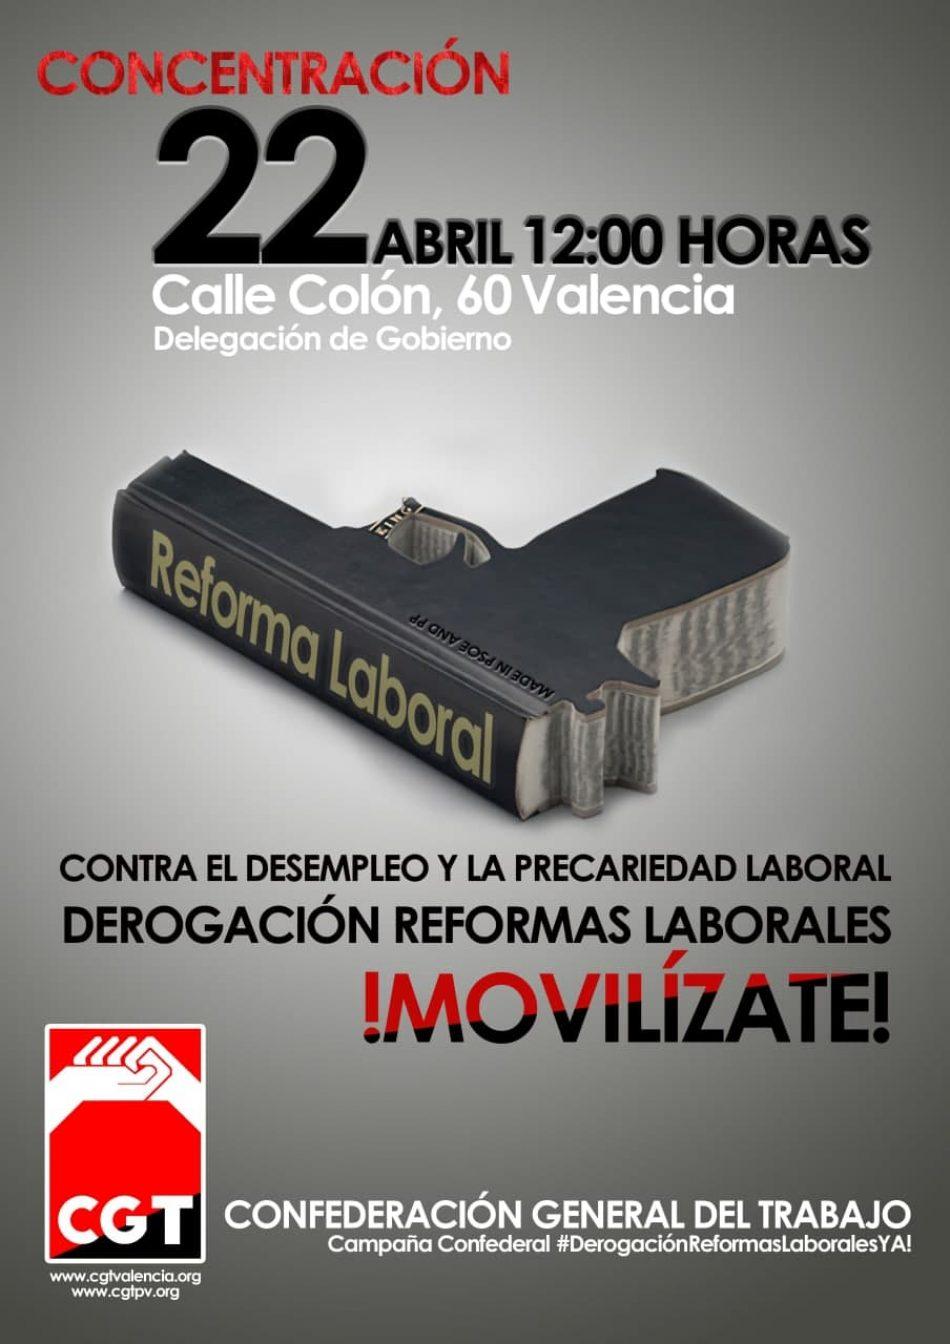 CGT convoca por la derogación de las reformas laborales